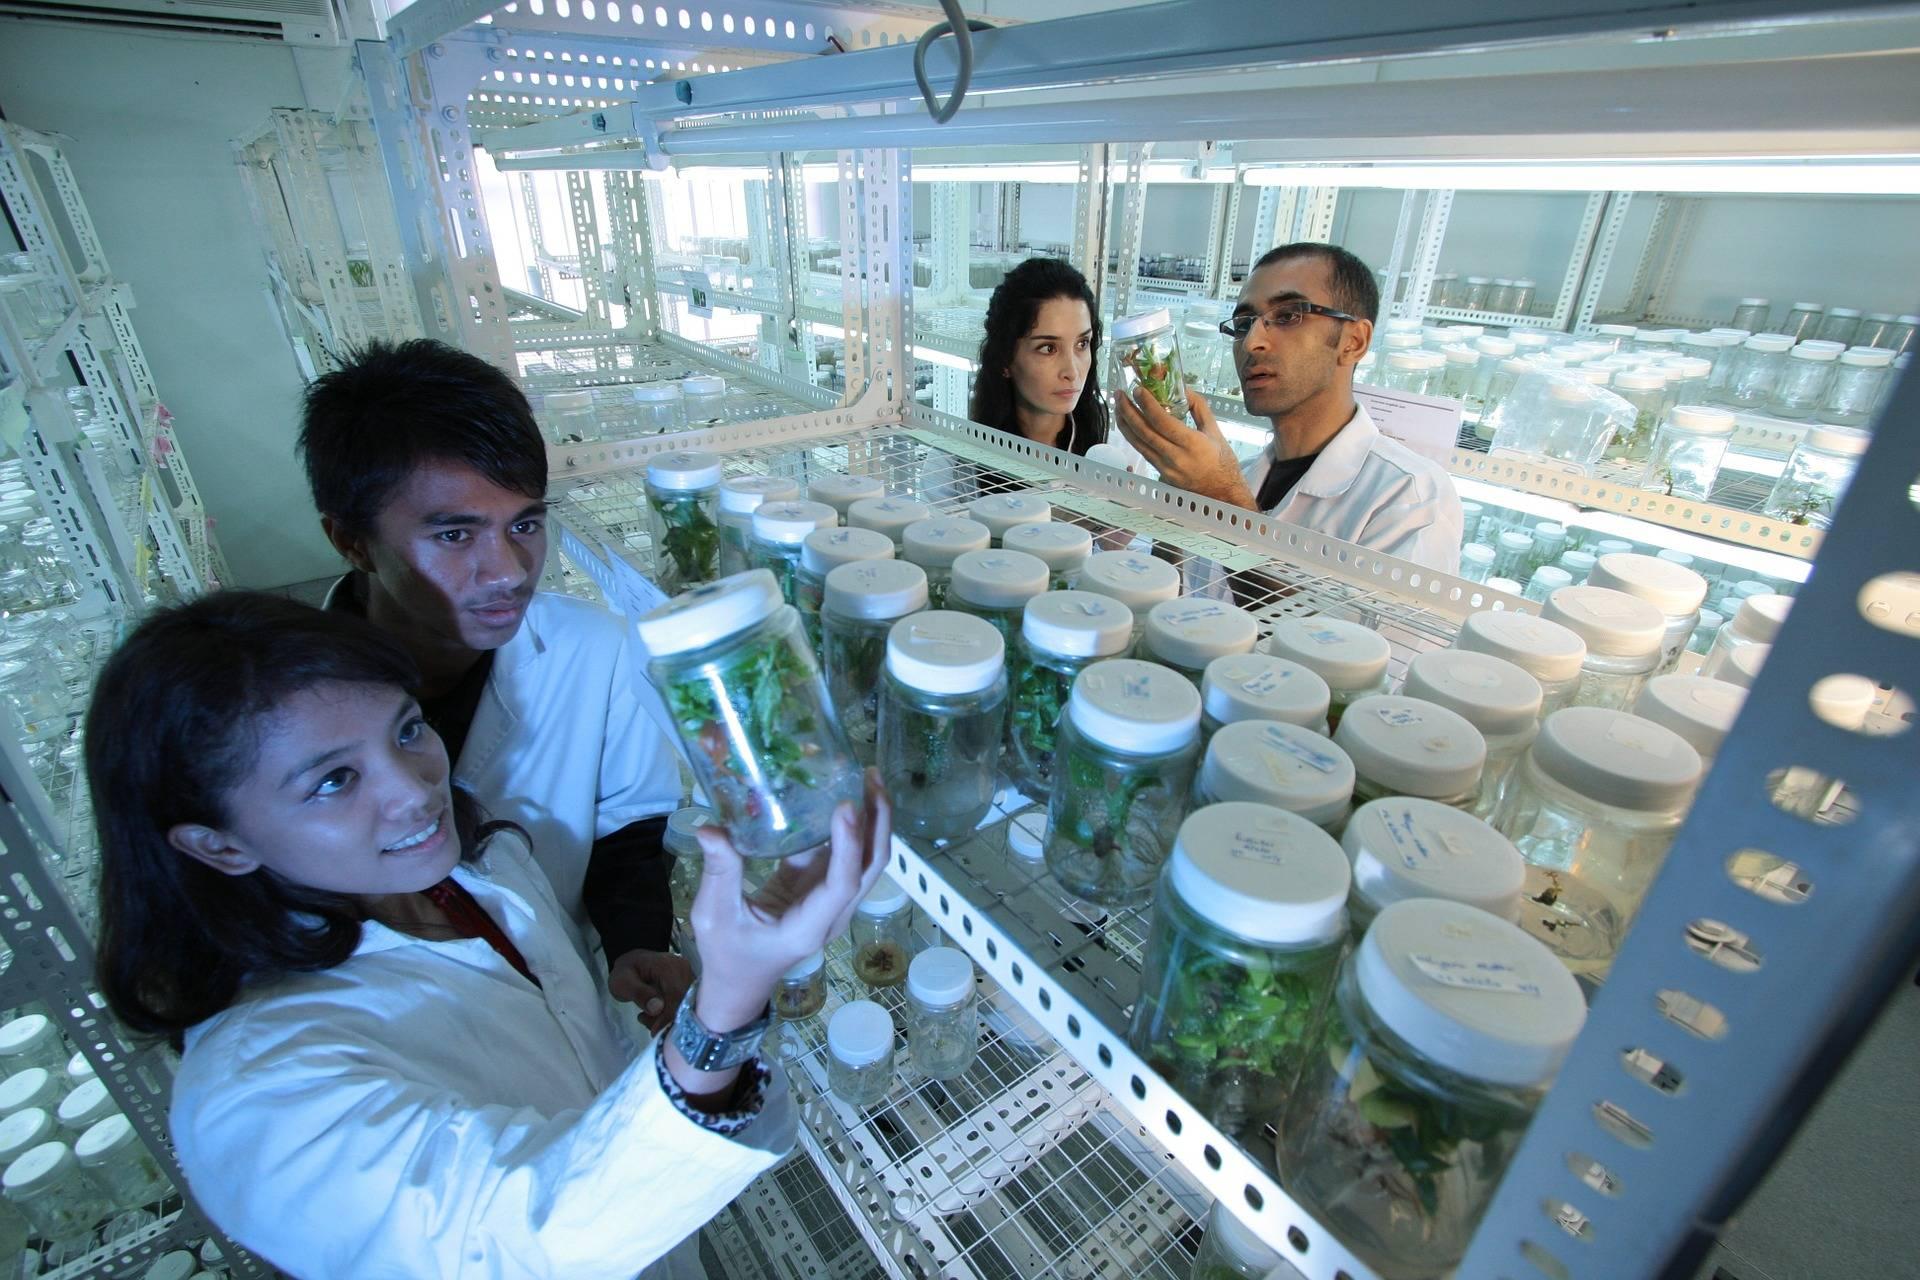 Peoples looking at jars